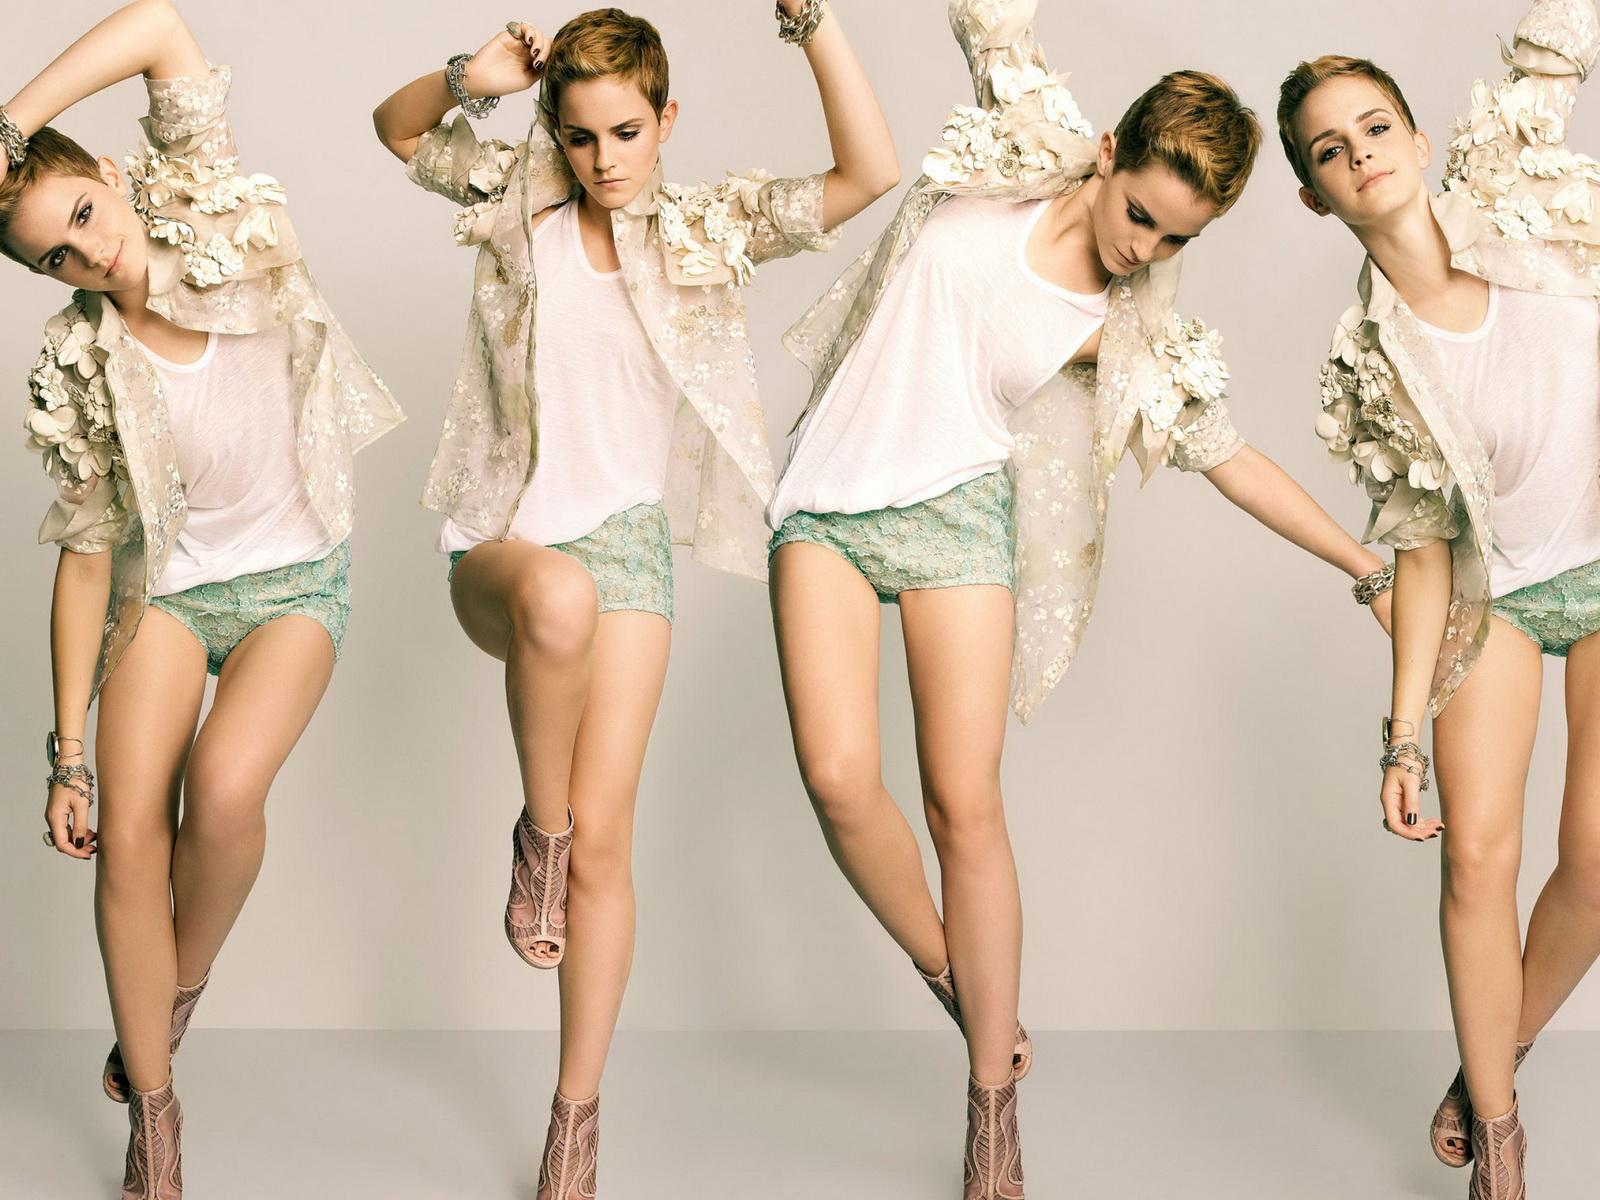 http://2.bp.blogspot.com/-wkXsDY4DfoU/UOmBIjSJ0sI/AAAAAAAAAYs/yK4QinkJm7Y/s1600/Emma+Watson+5.jpg